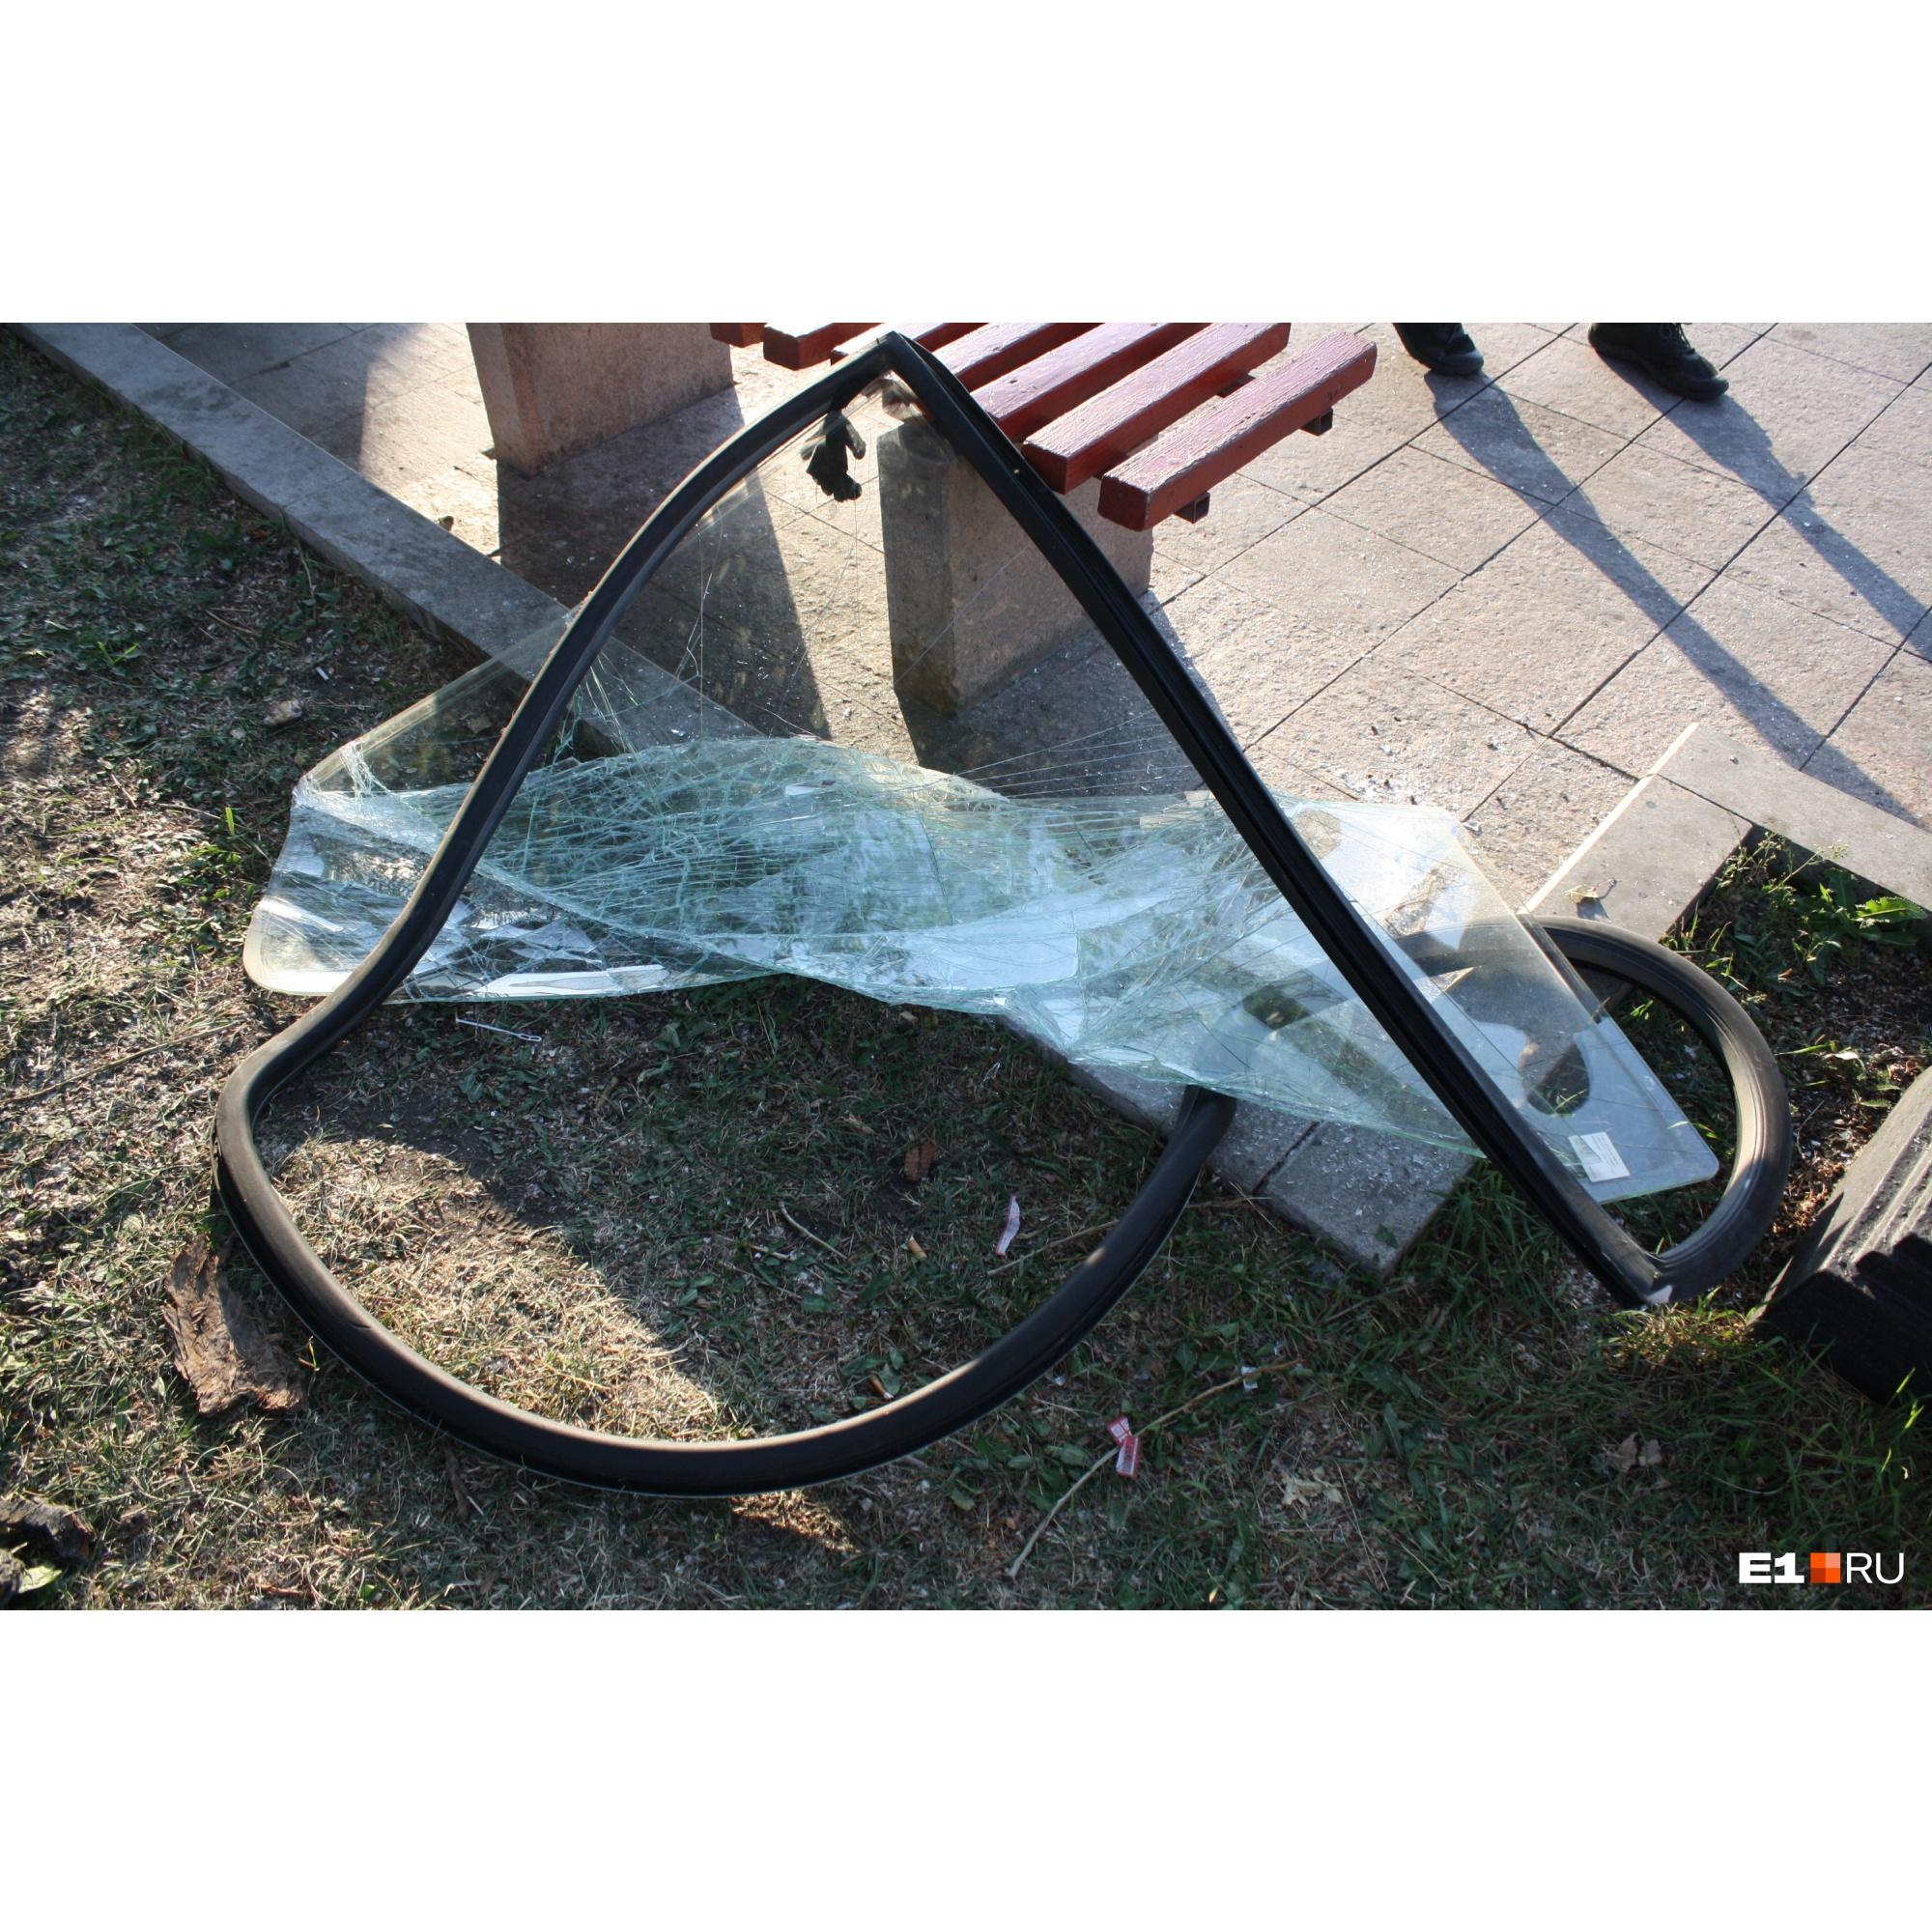 Лобовое стекло автобуса возле скамейки. Очевидцы говорили, что после удара в дерево водителя выбросило из кабины. В Гортрансе это опровергли